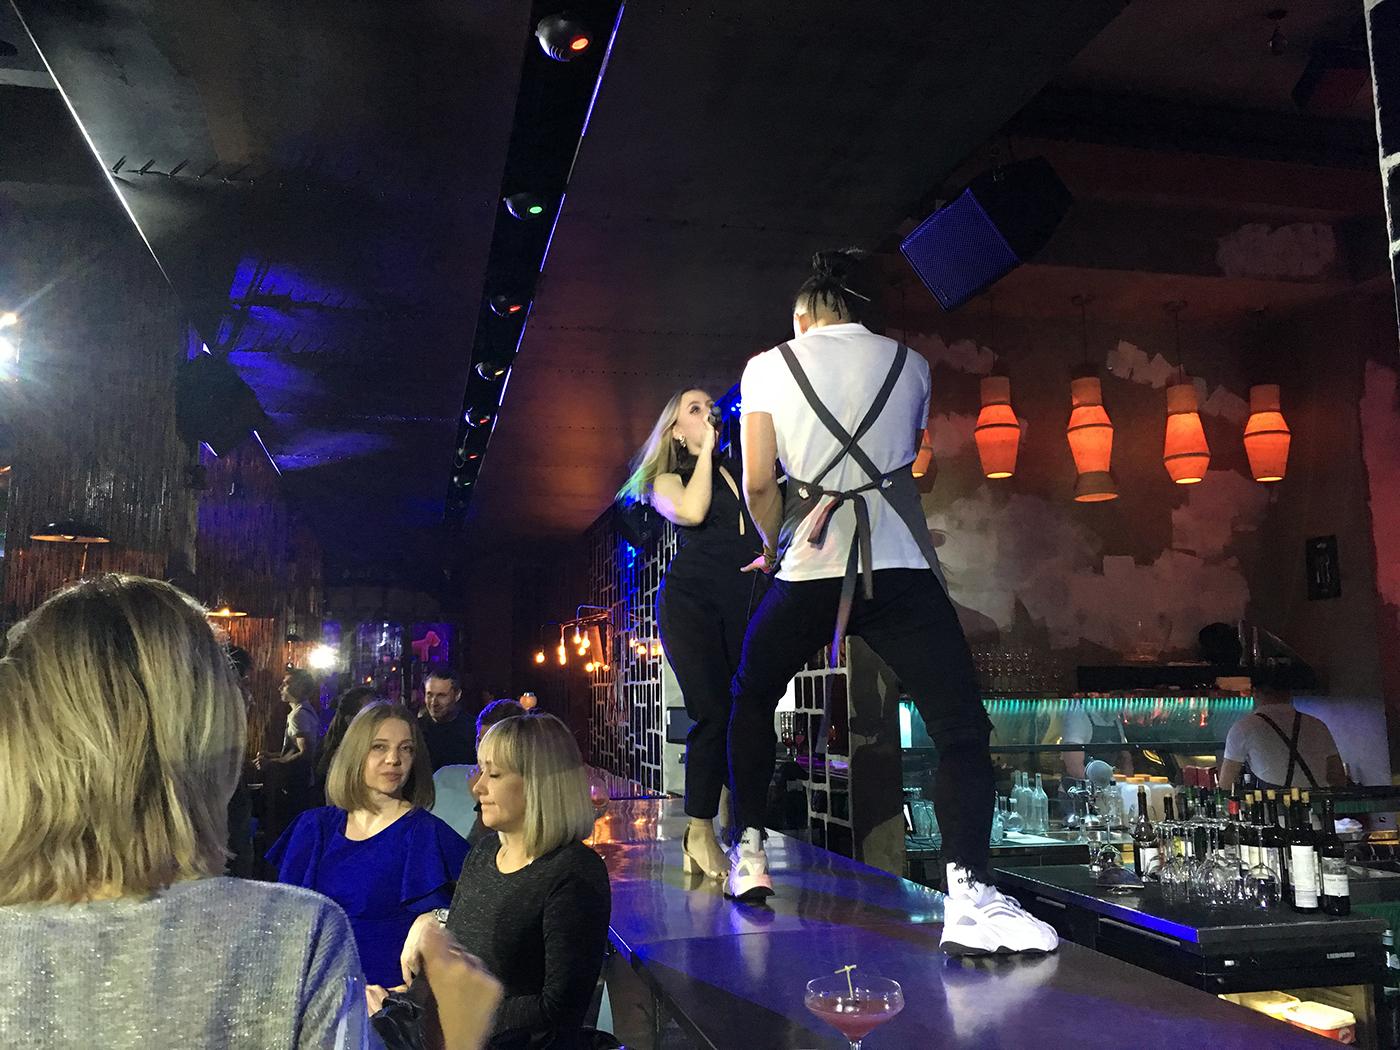 Zingende bediening in 'The Waiters' - bezienswaardigheden stedentrip Moskou